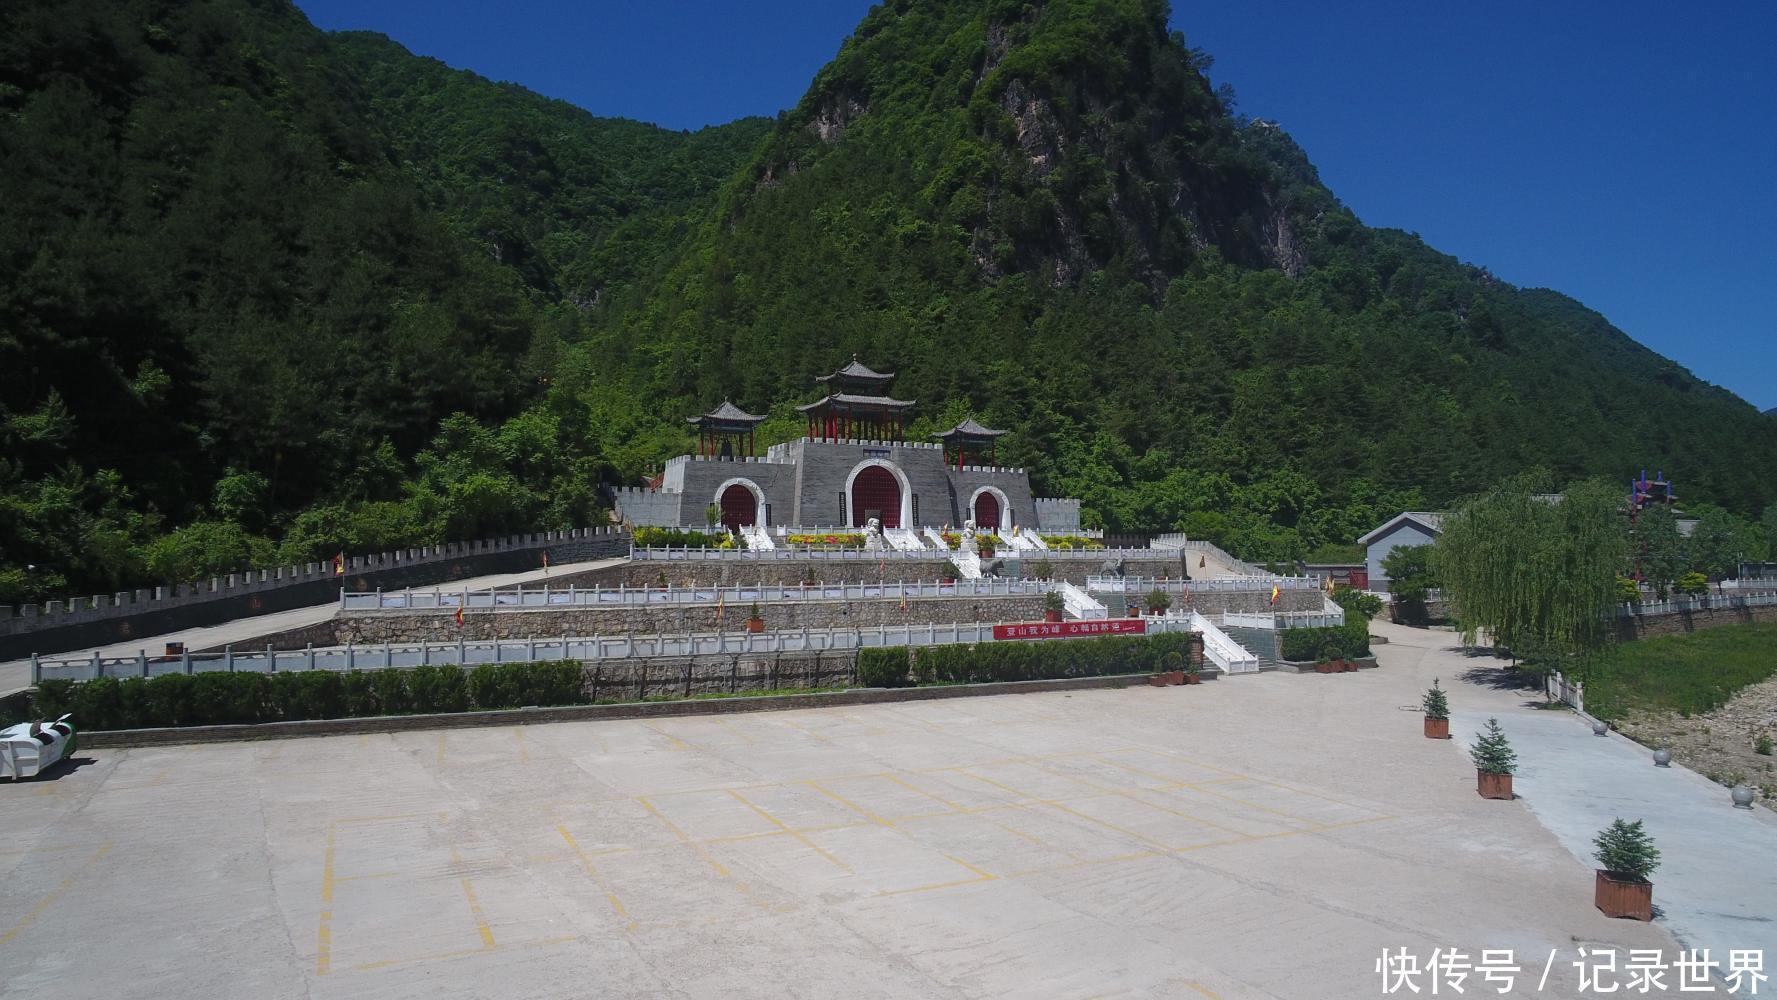 老君山旅游风景区地处华山之南的陕西省洛南县巡检镇境内,景区开发